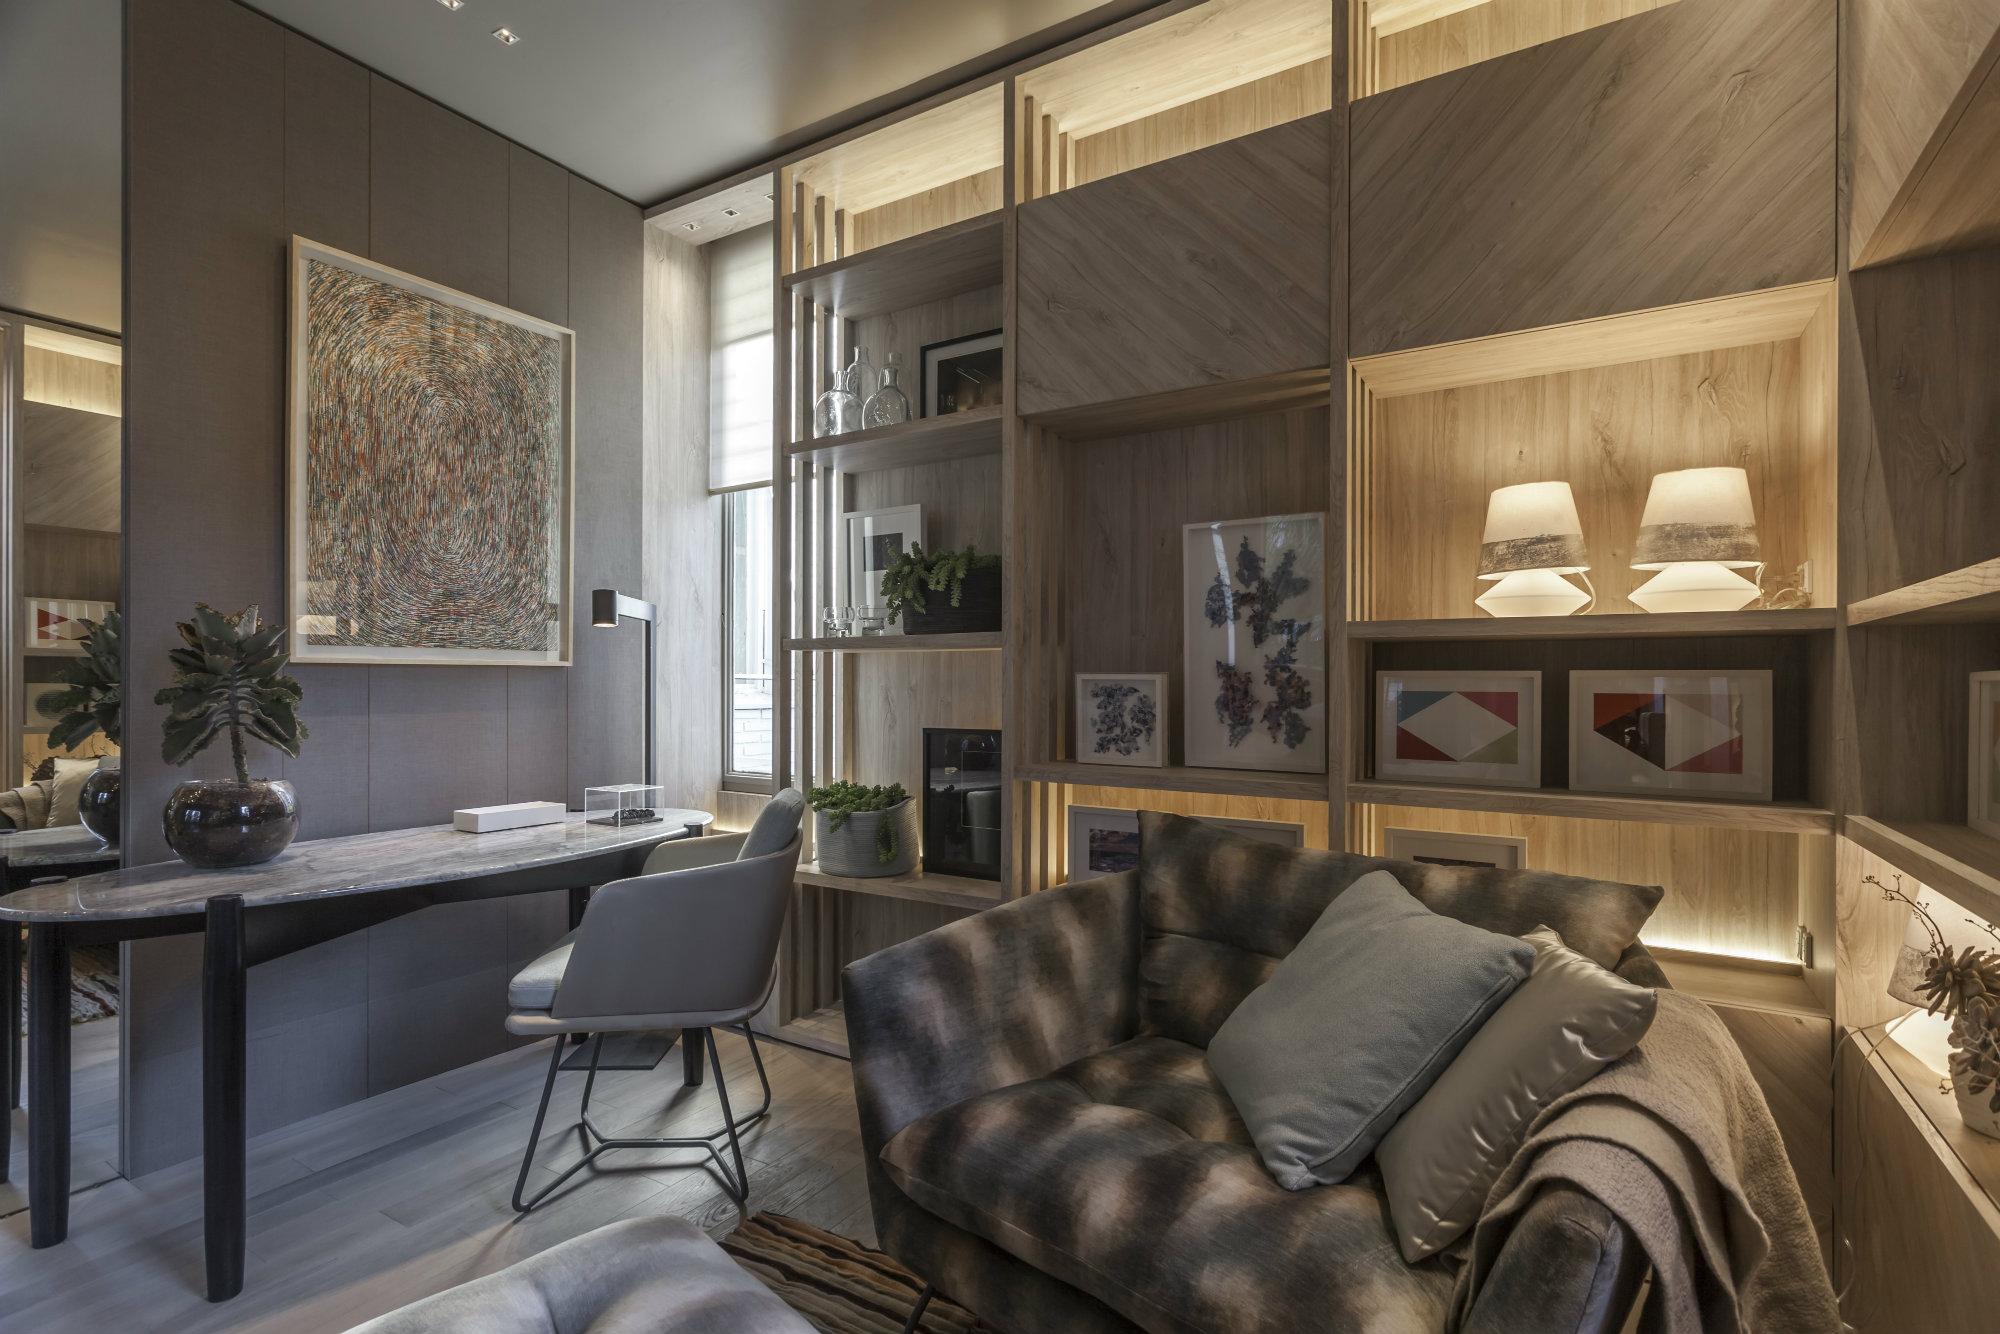 Muebles De Madera Casa Foa 2017 Insp Rate Con D F Muebles # Muebles Casa Foa